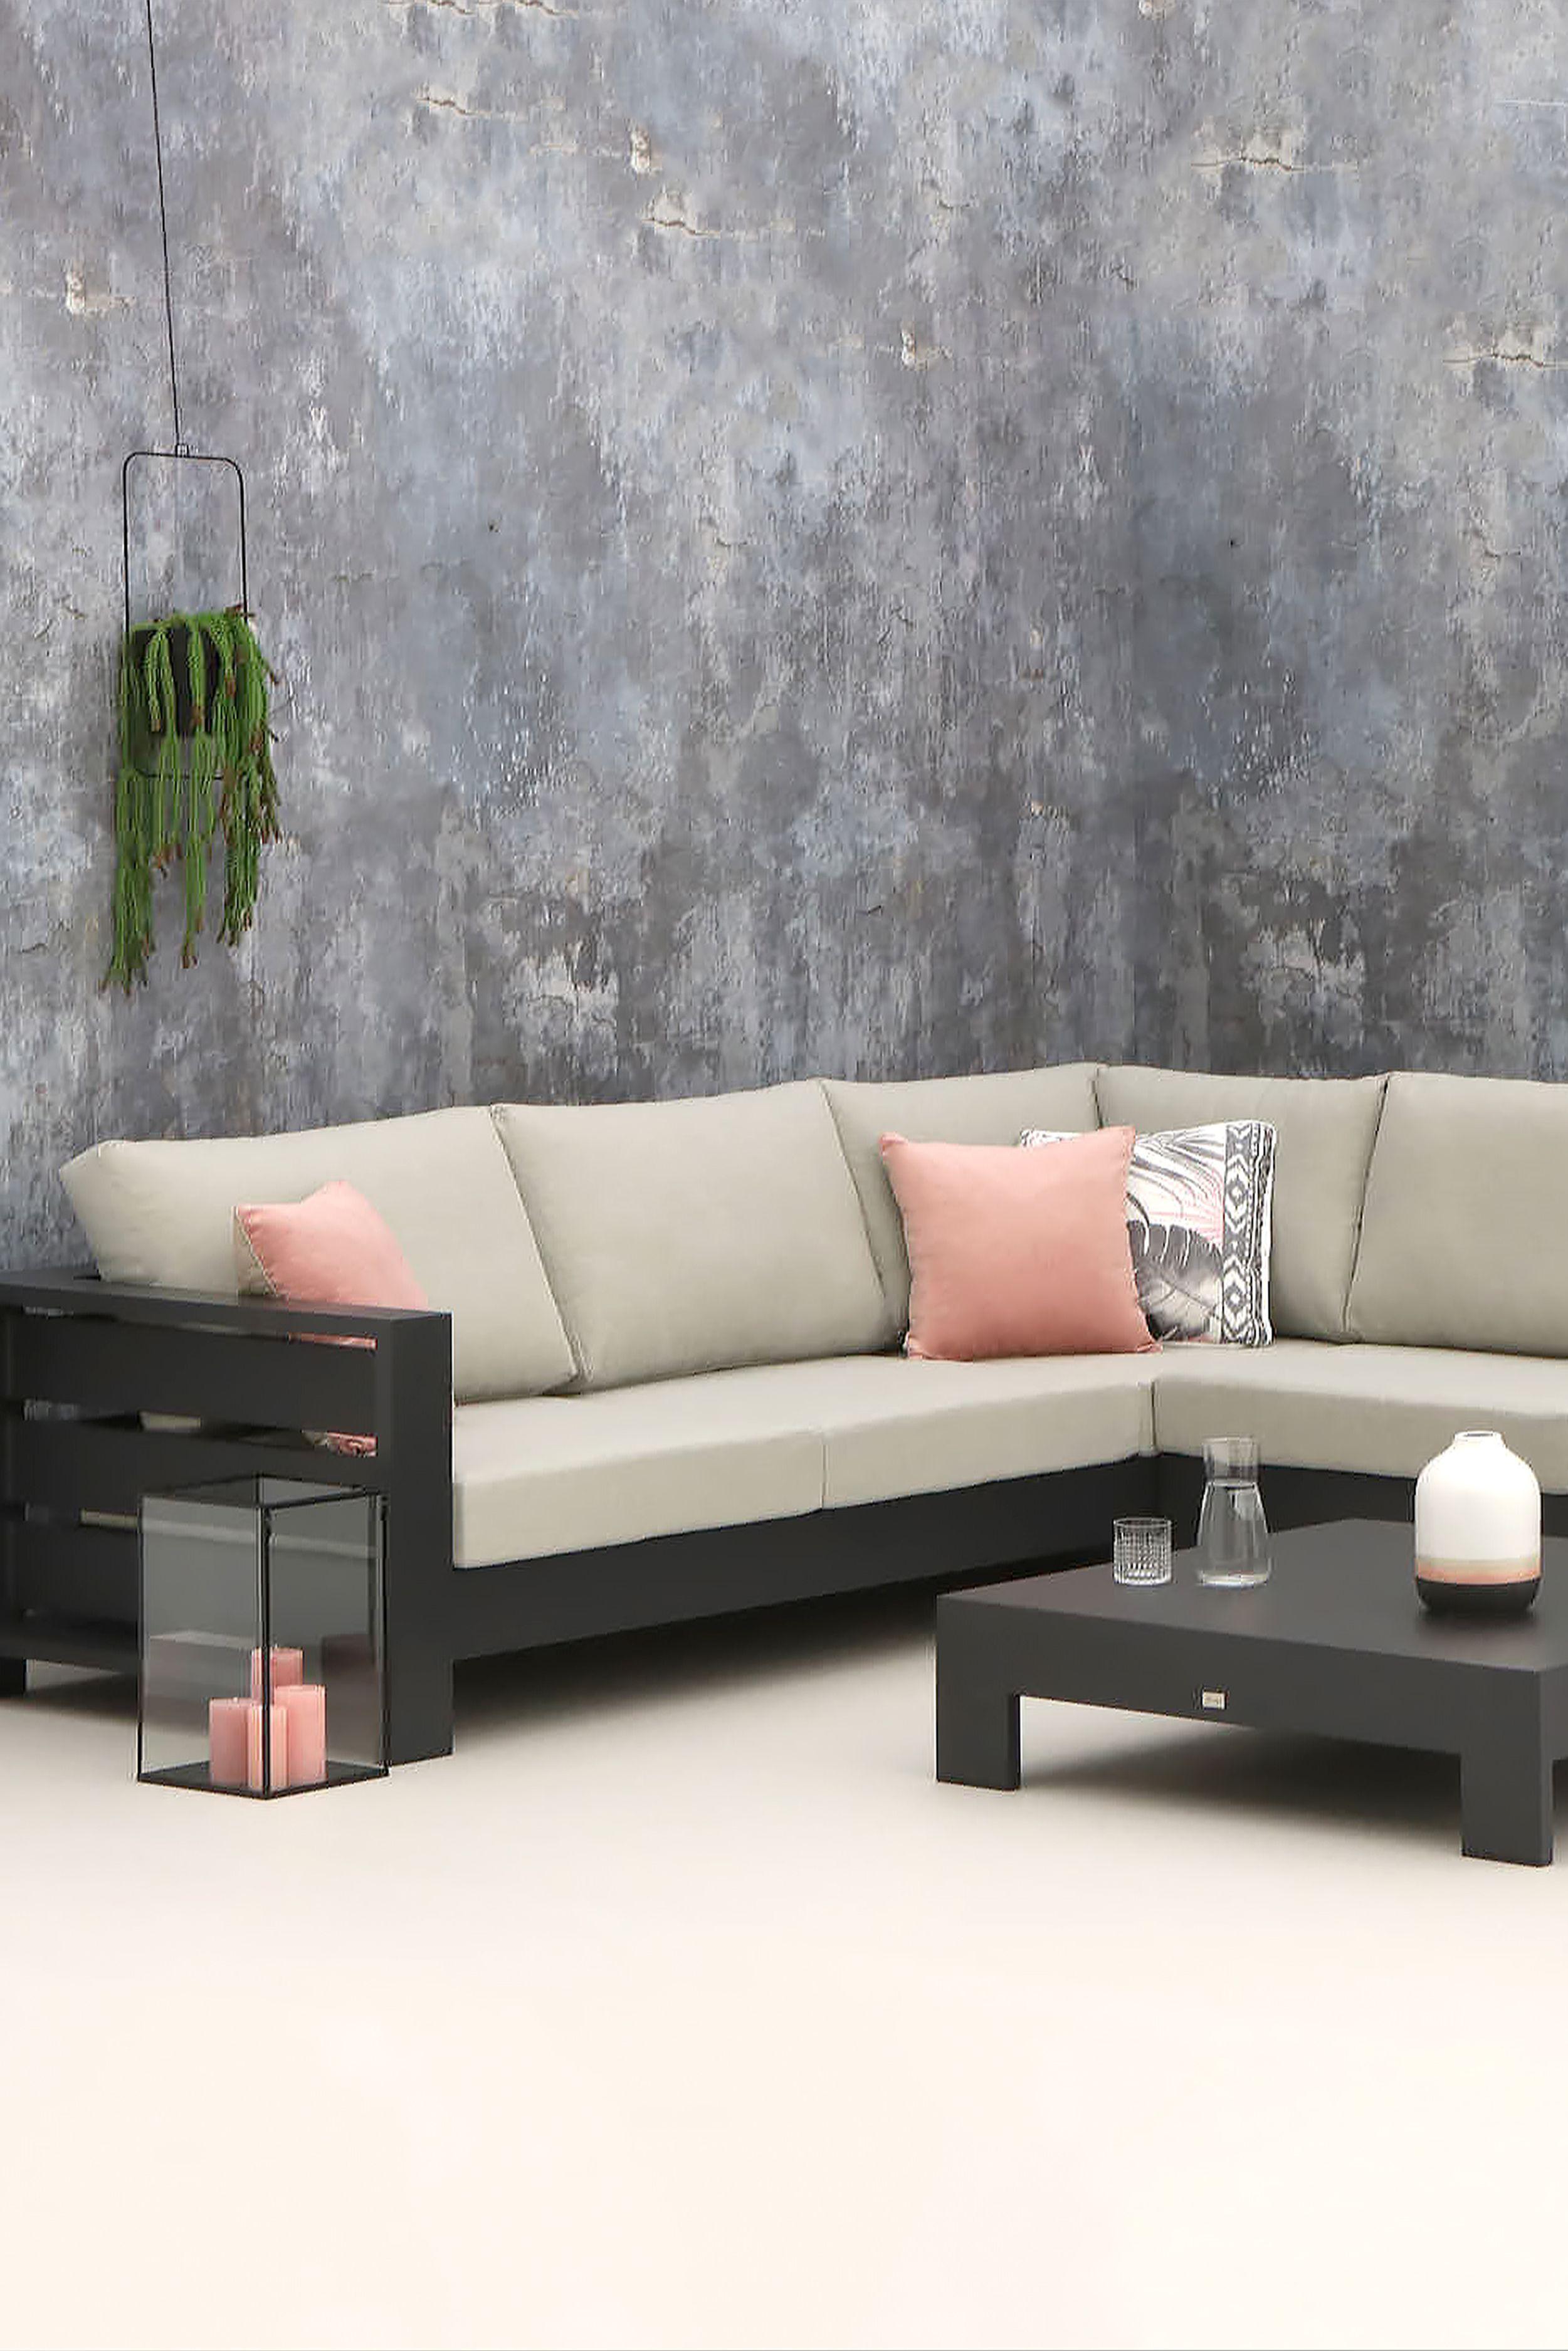 Luxe Loungeset Zwart.Intenso Terlano Hoek Loungeset 4 Delig Loungeset Kleuren In